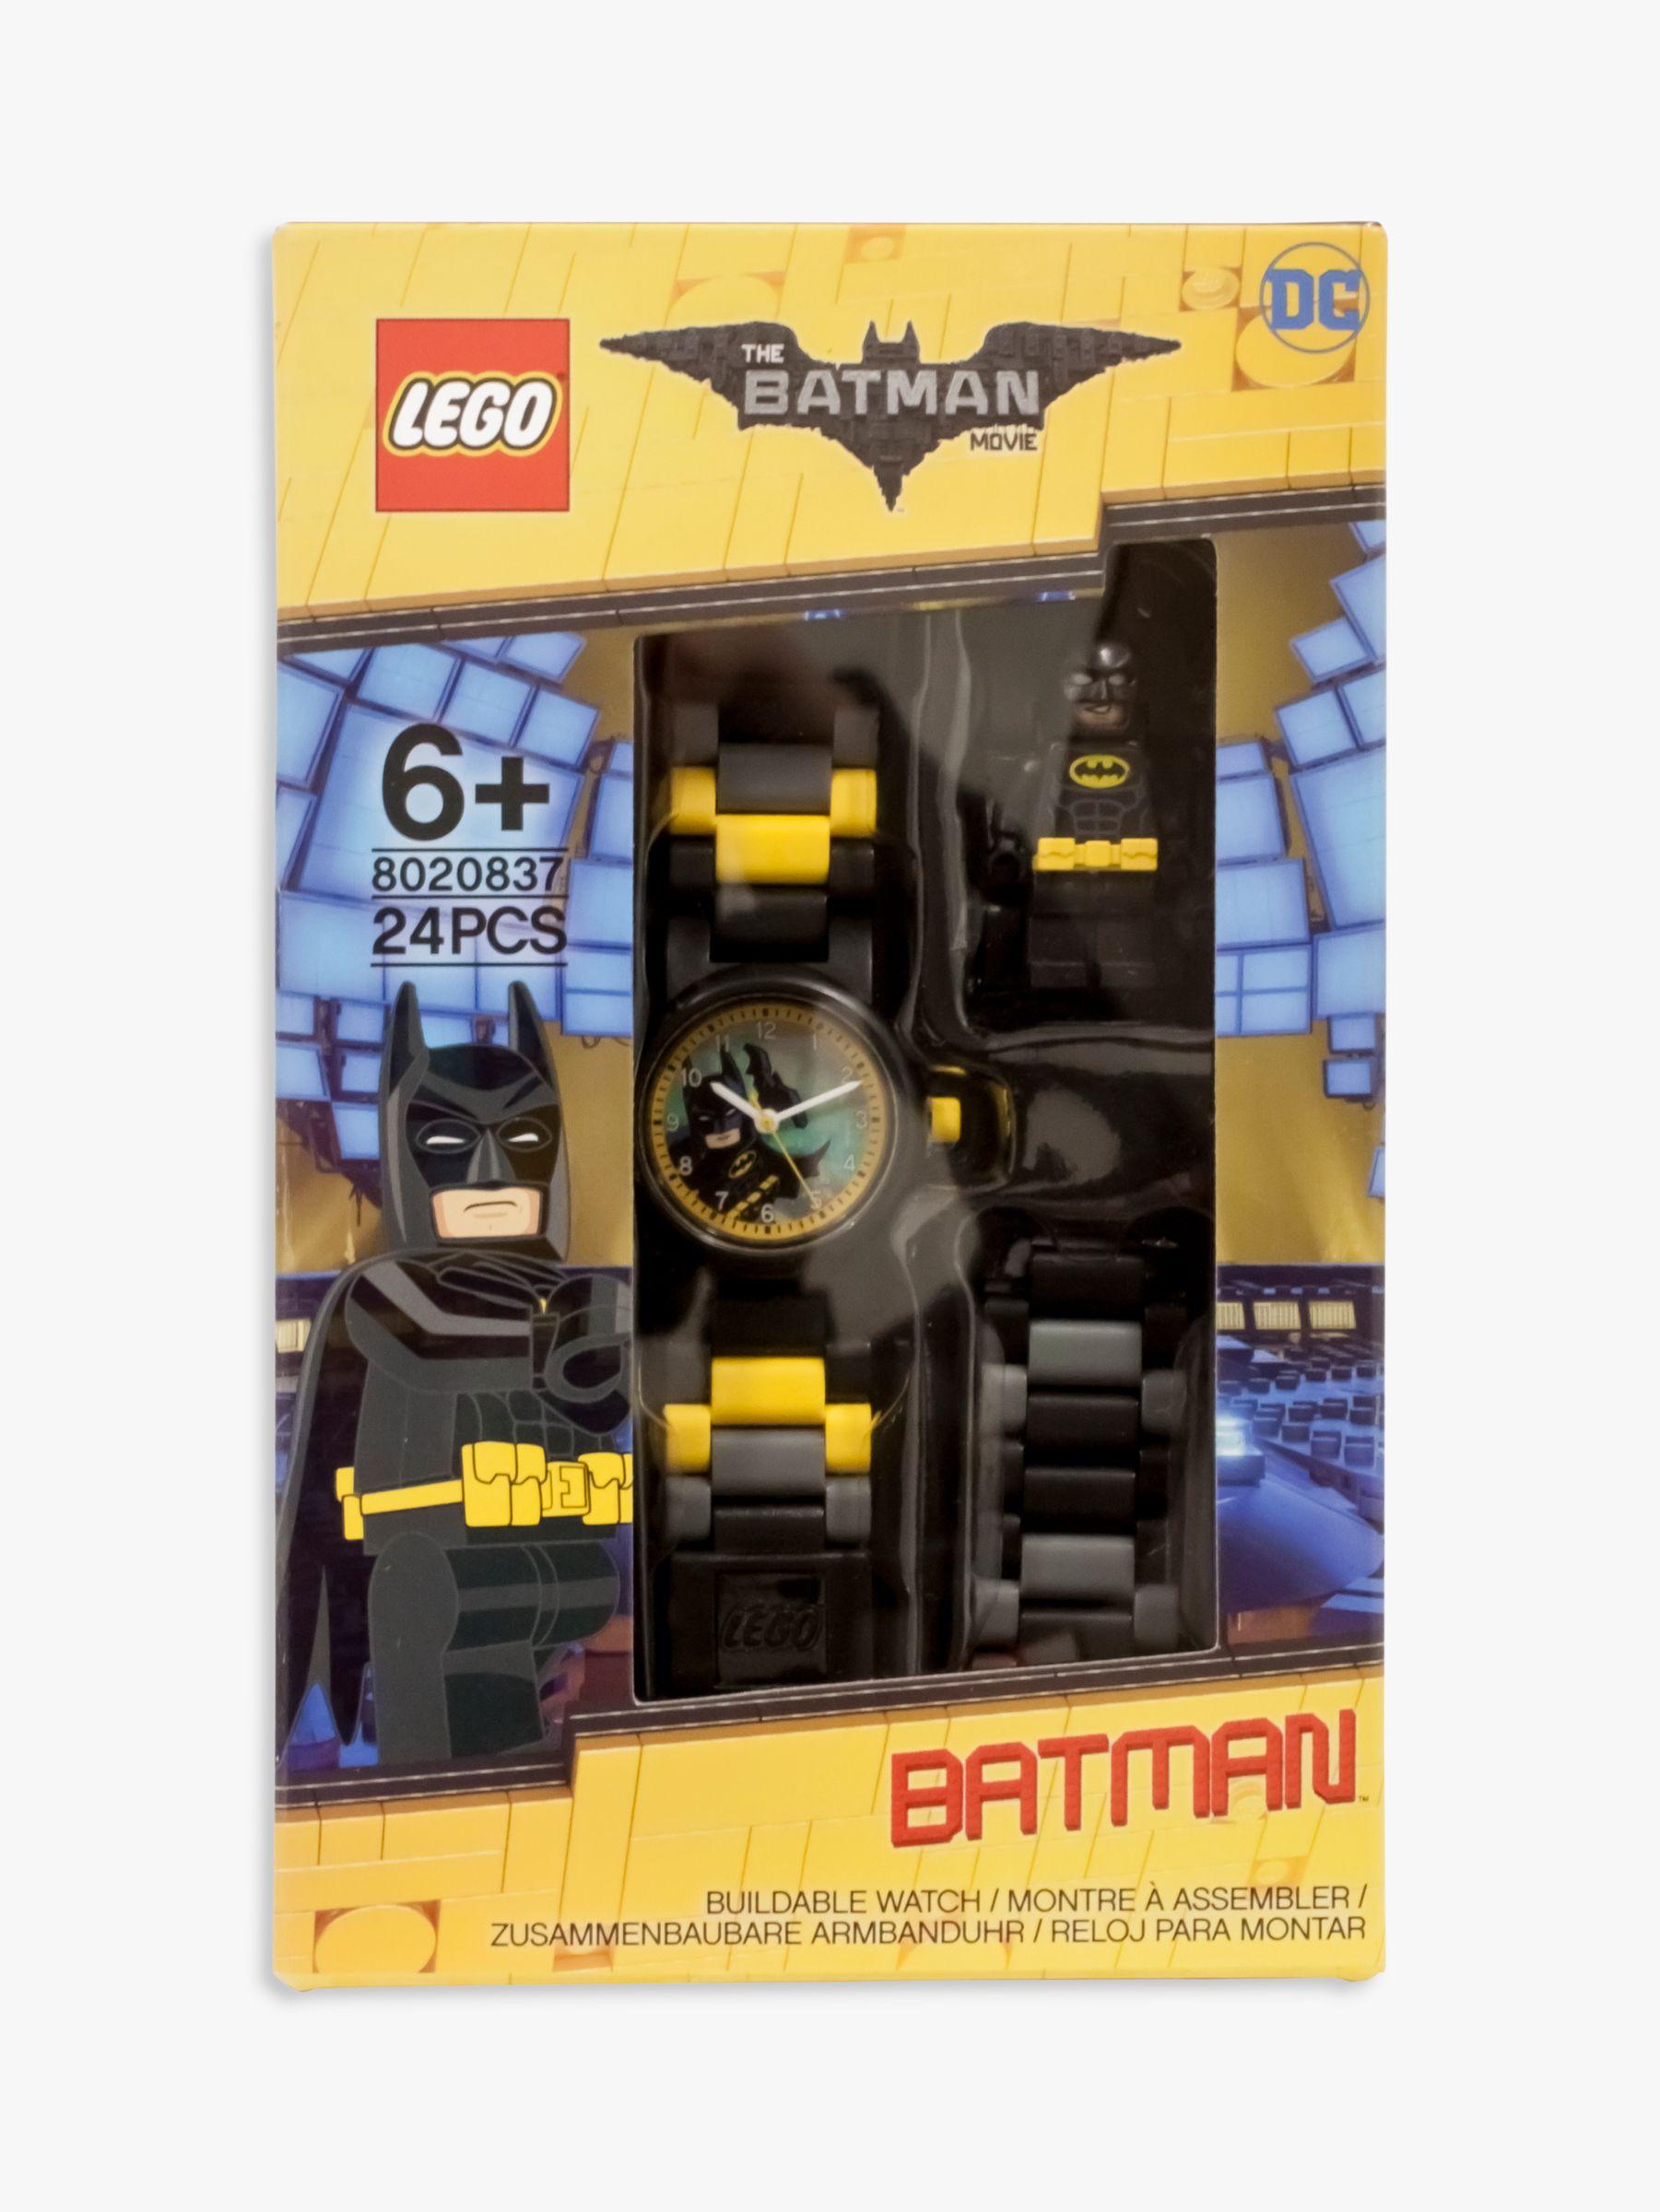 Lego LEGO 8020837 The LEGO Batman Movie Batman Watch